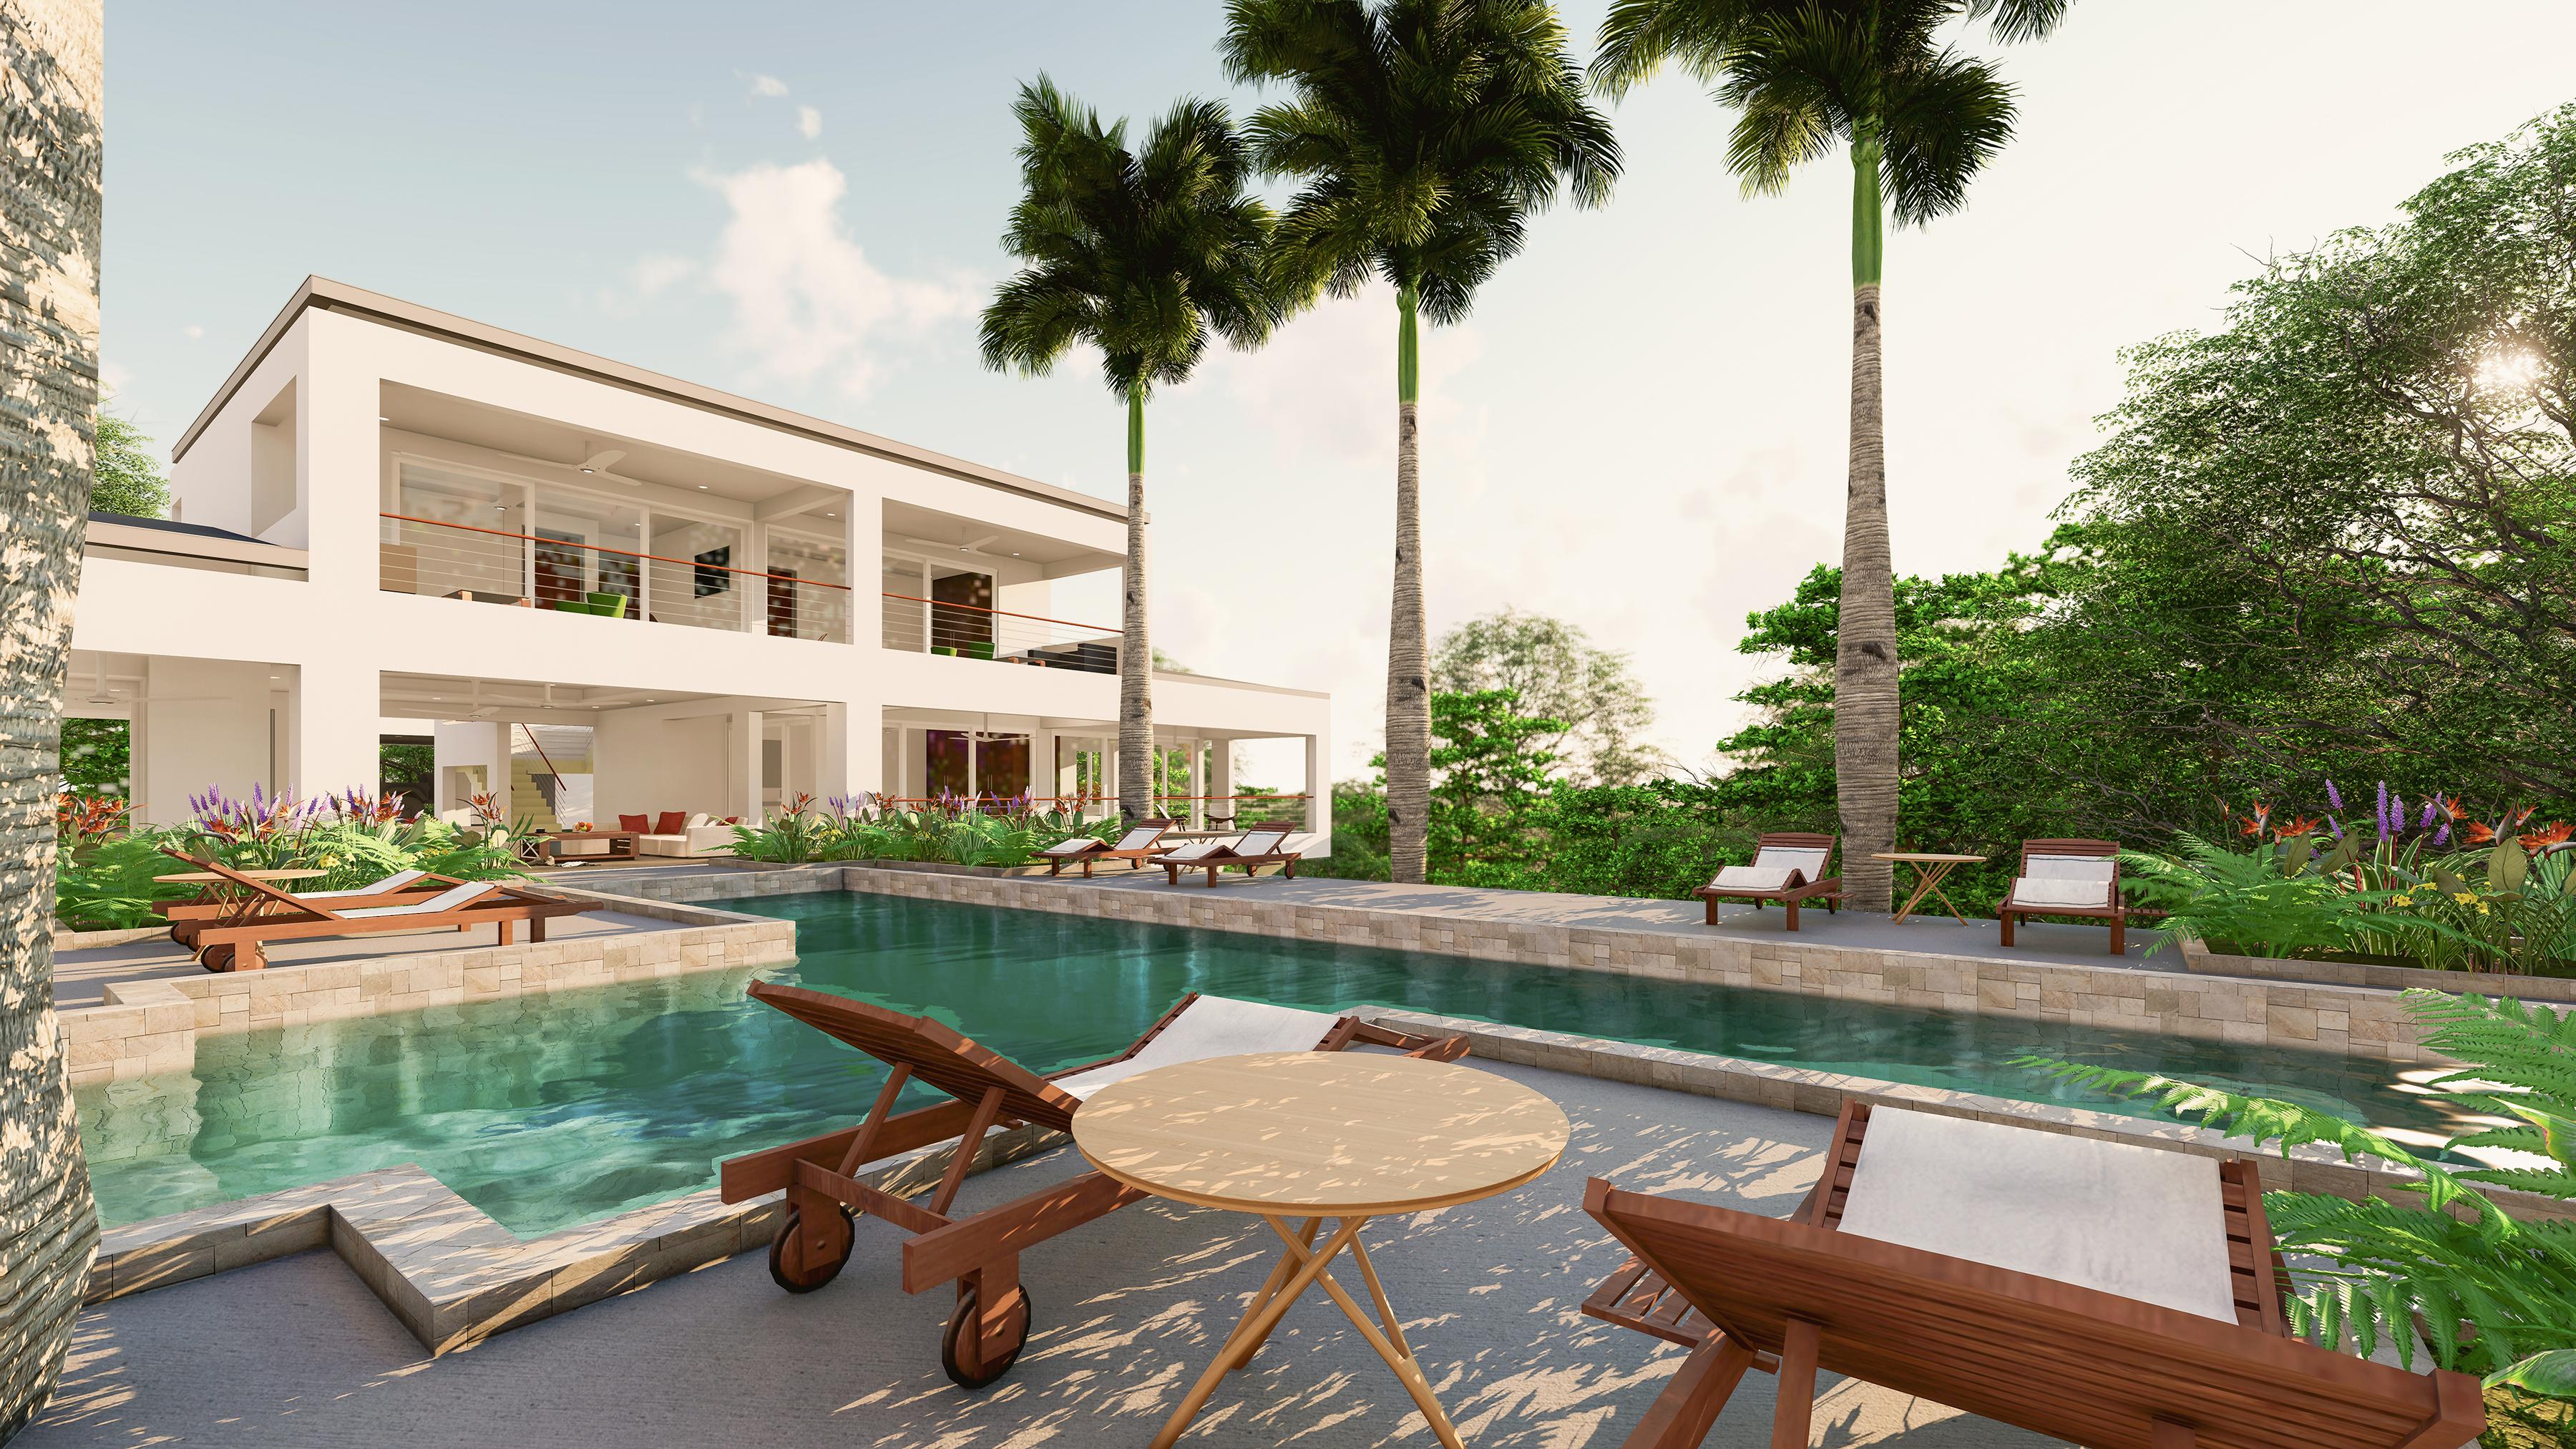 dulce pacifico home model real estate for sale uvita costa rica